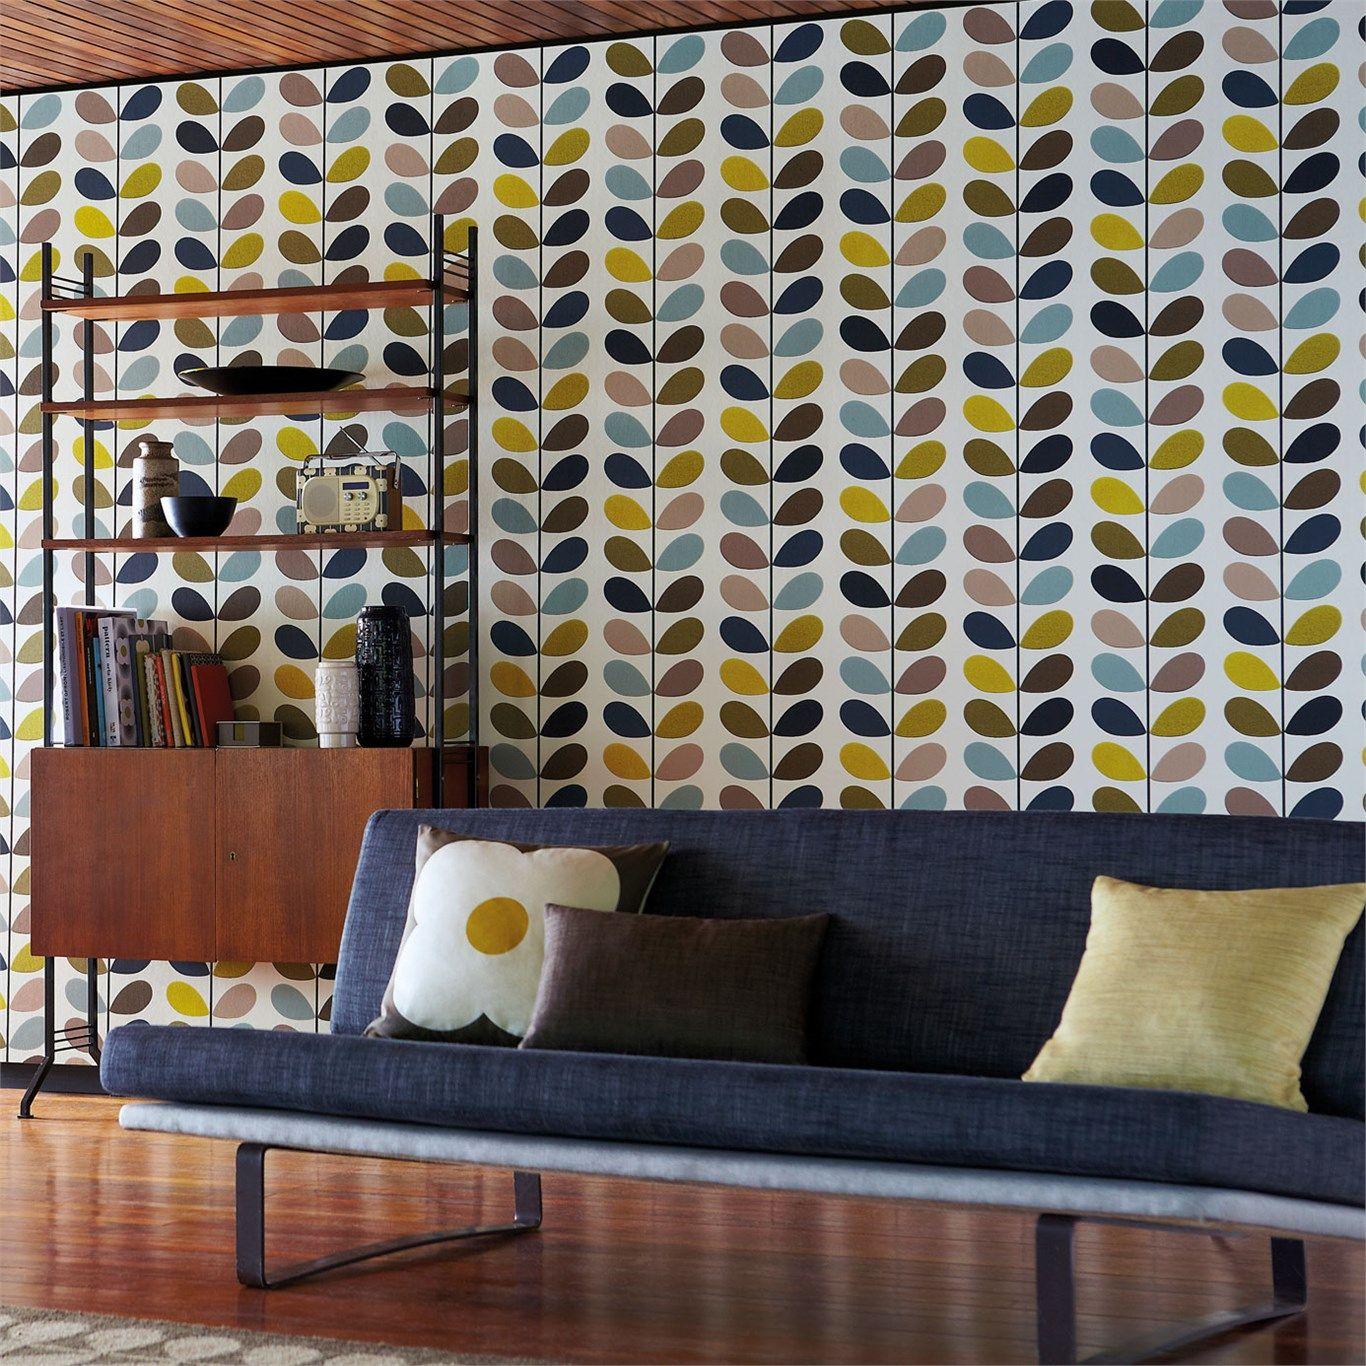 Orla kiely harlequin wallpaper multi stem design ideas pinterest